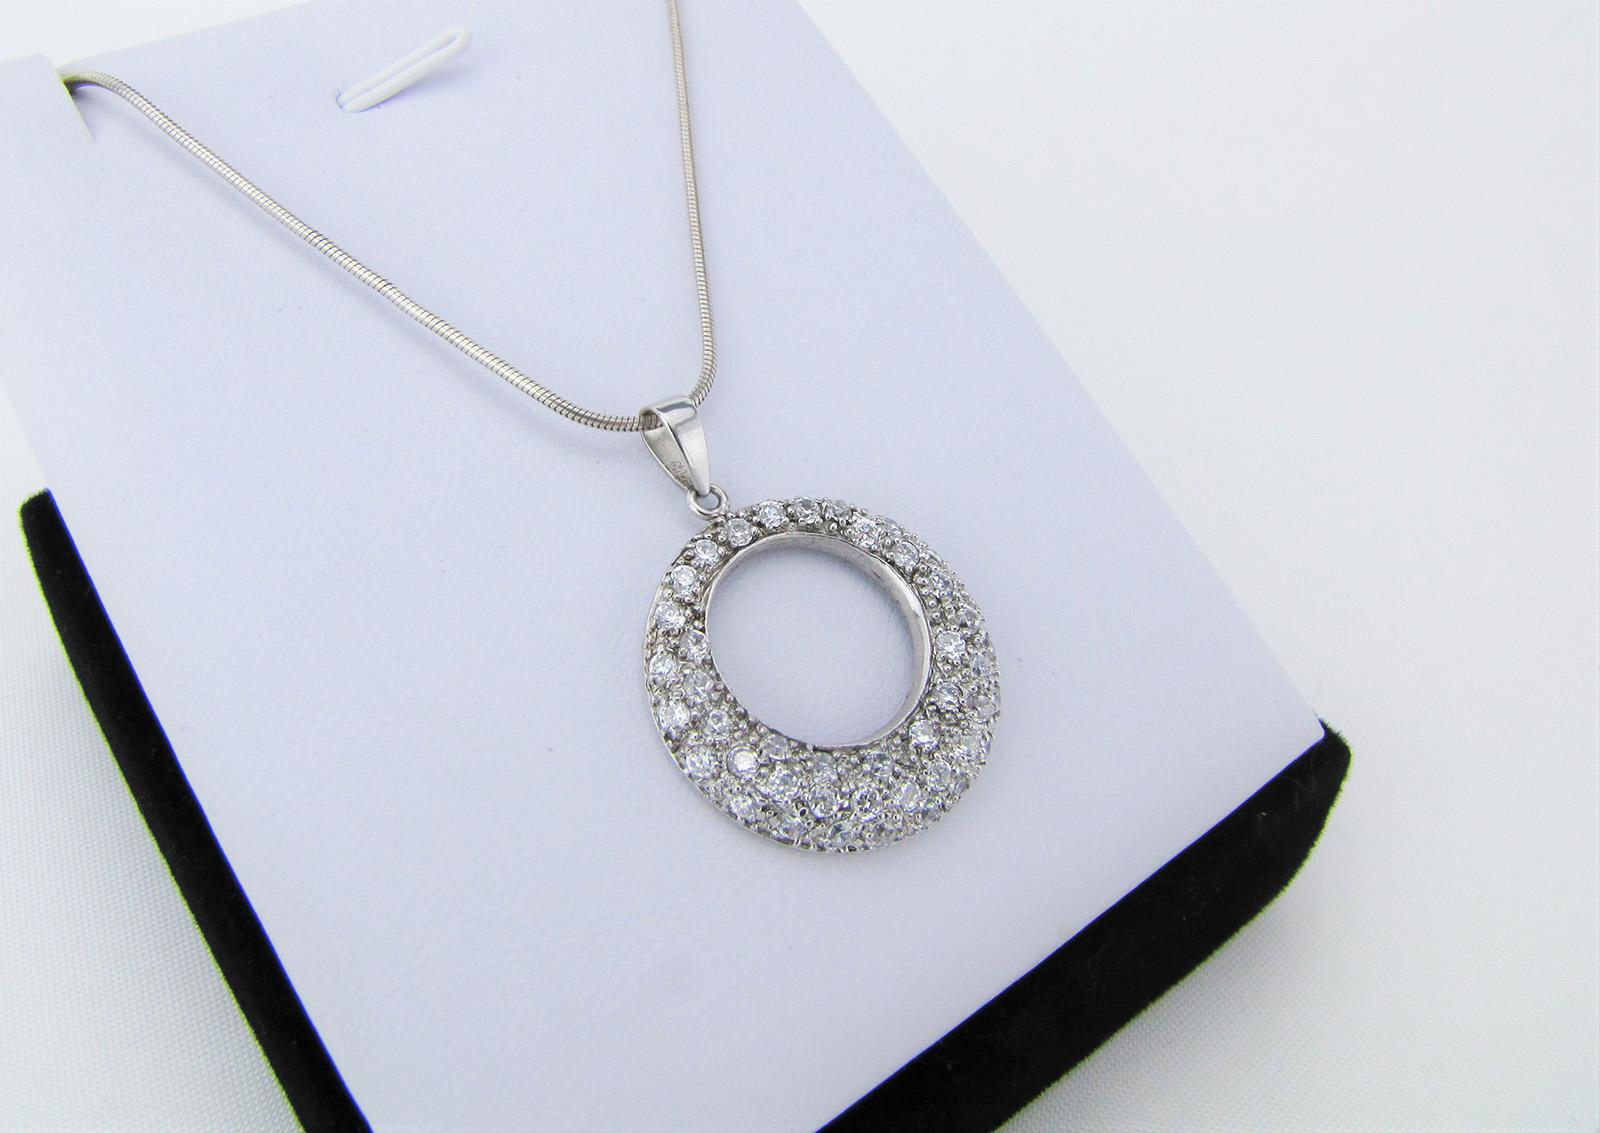 Slangekæde med cirkel vedhæng i 925 sterling sølv